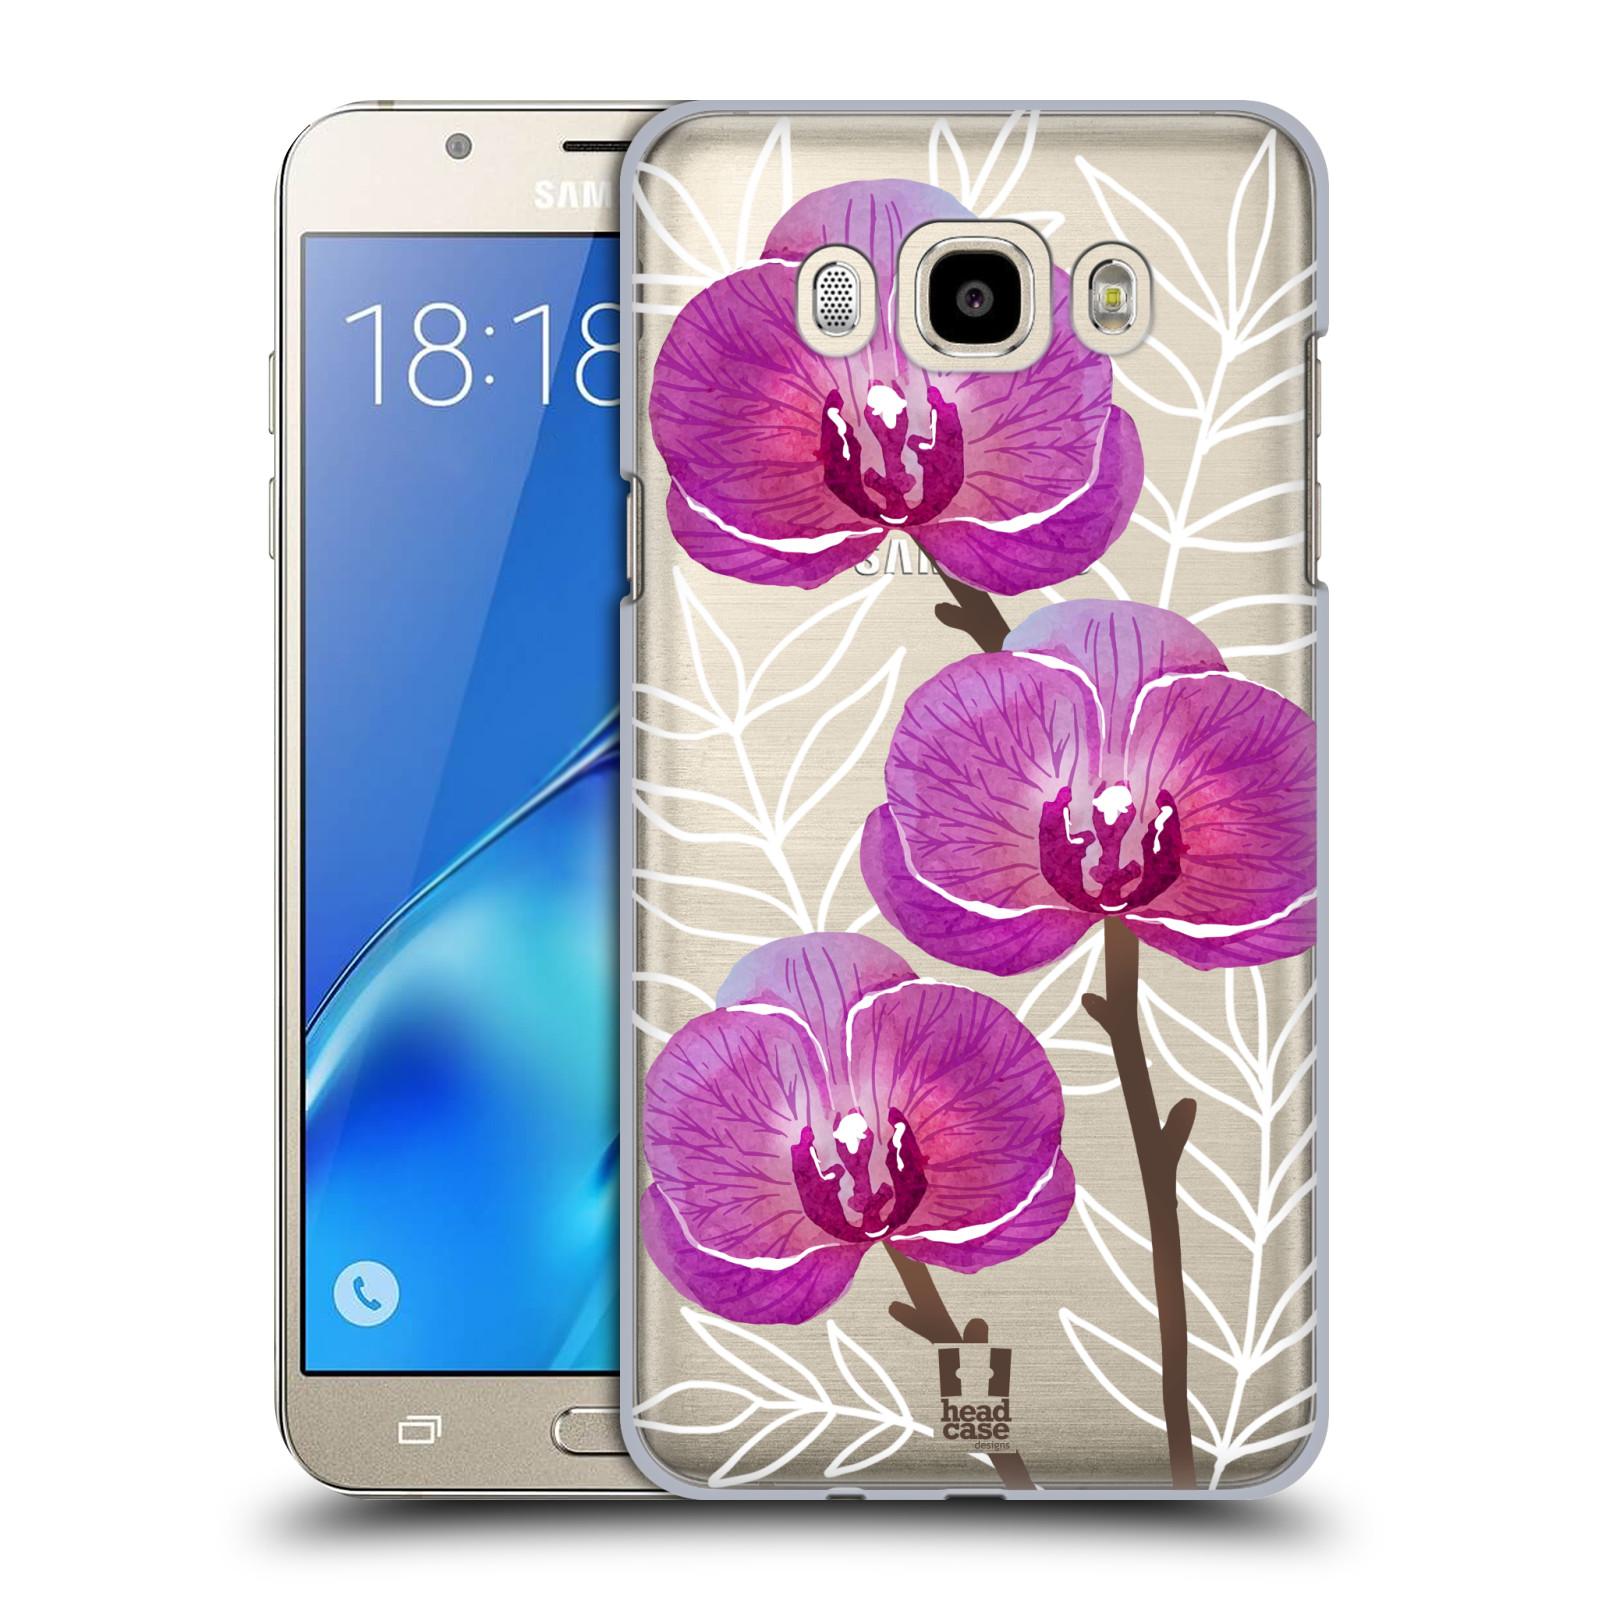 Plastové pouzdro na mobil Samsung Galaxy J7 (2016) - Head Case - Hezoučké kvítky - průhledné